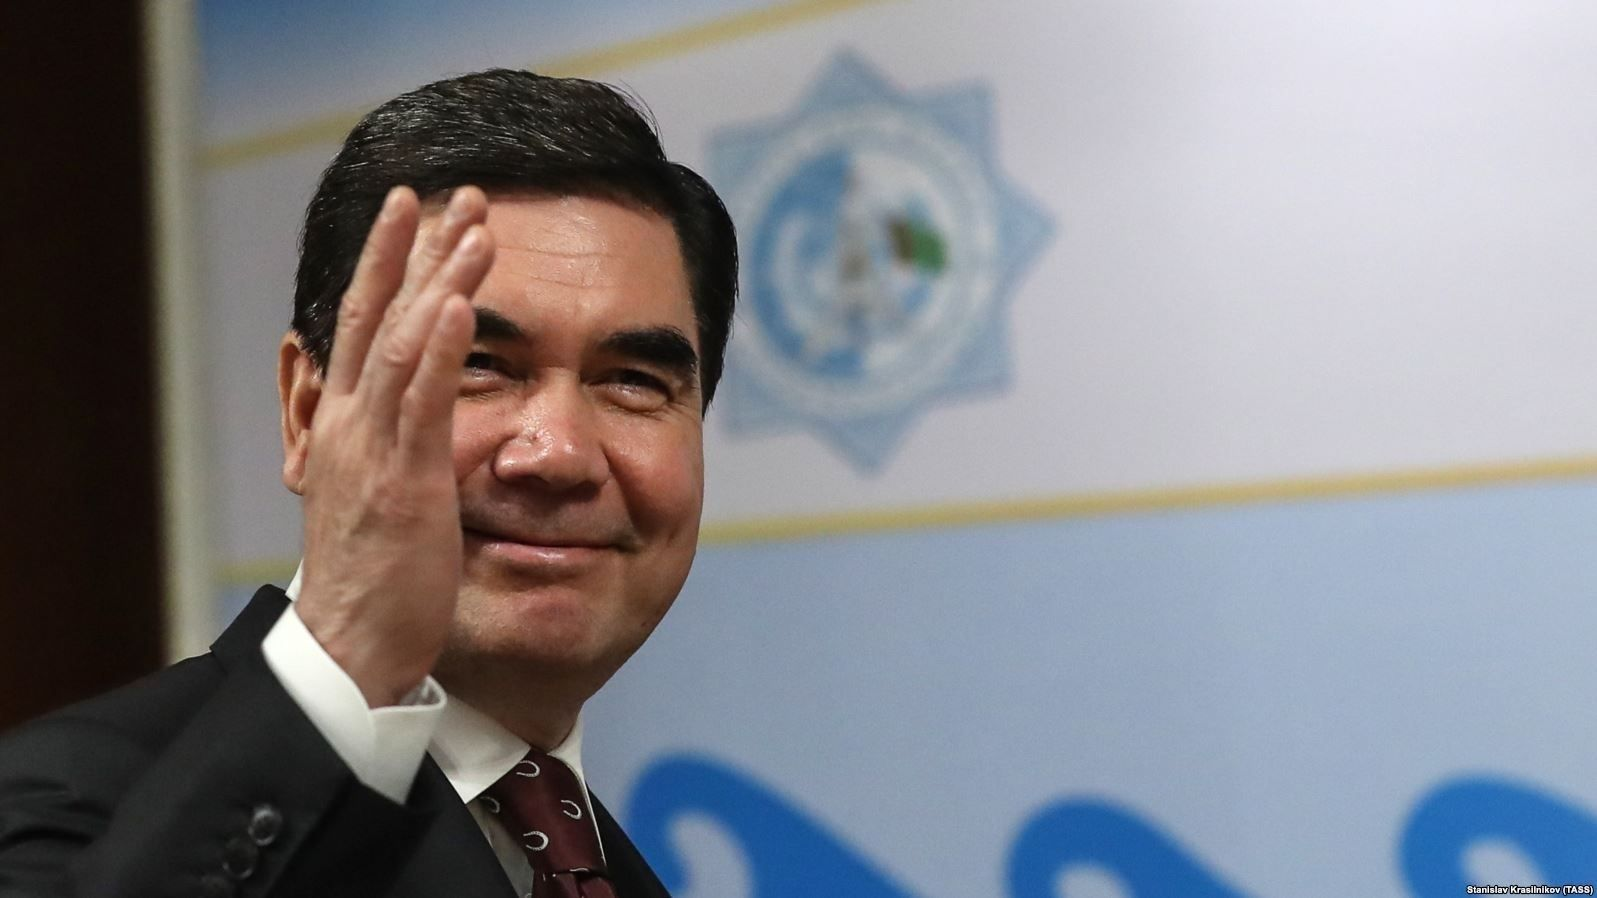 Туркменистан улс иргэдээ үнэгүй хий, ус, цахилгаанаар хангадаг байснаа зогсоохоор боллоо